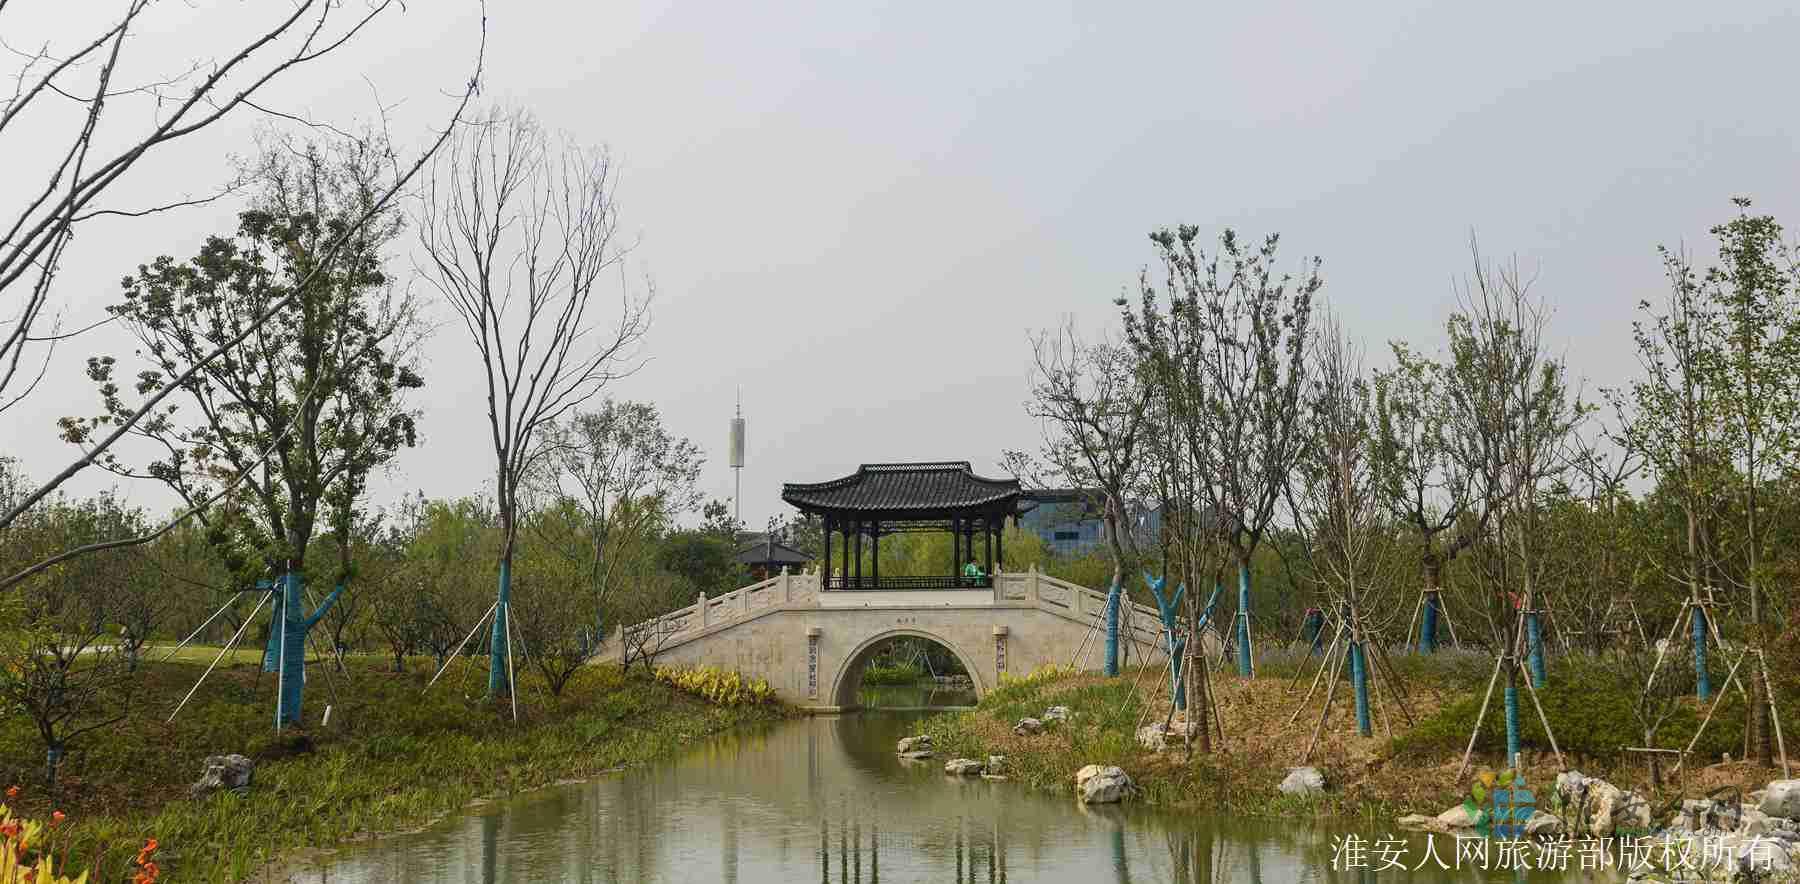 扬州一日游-14.jpg